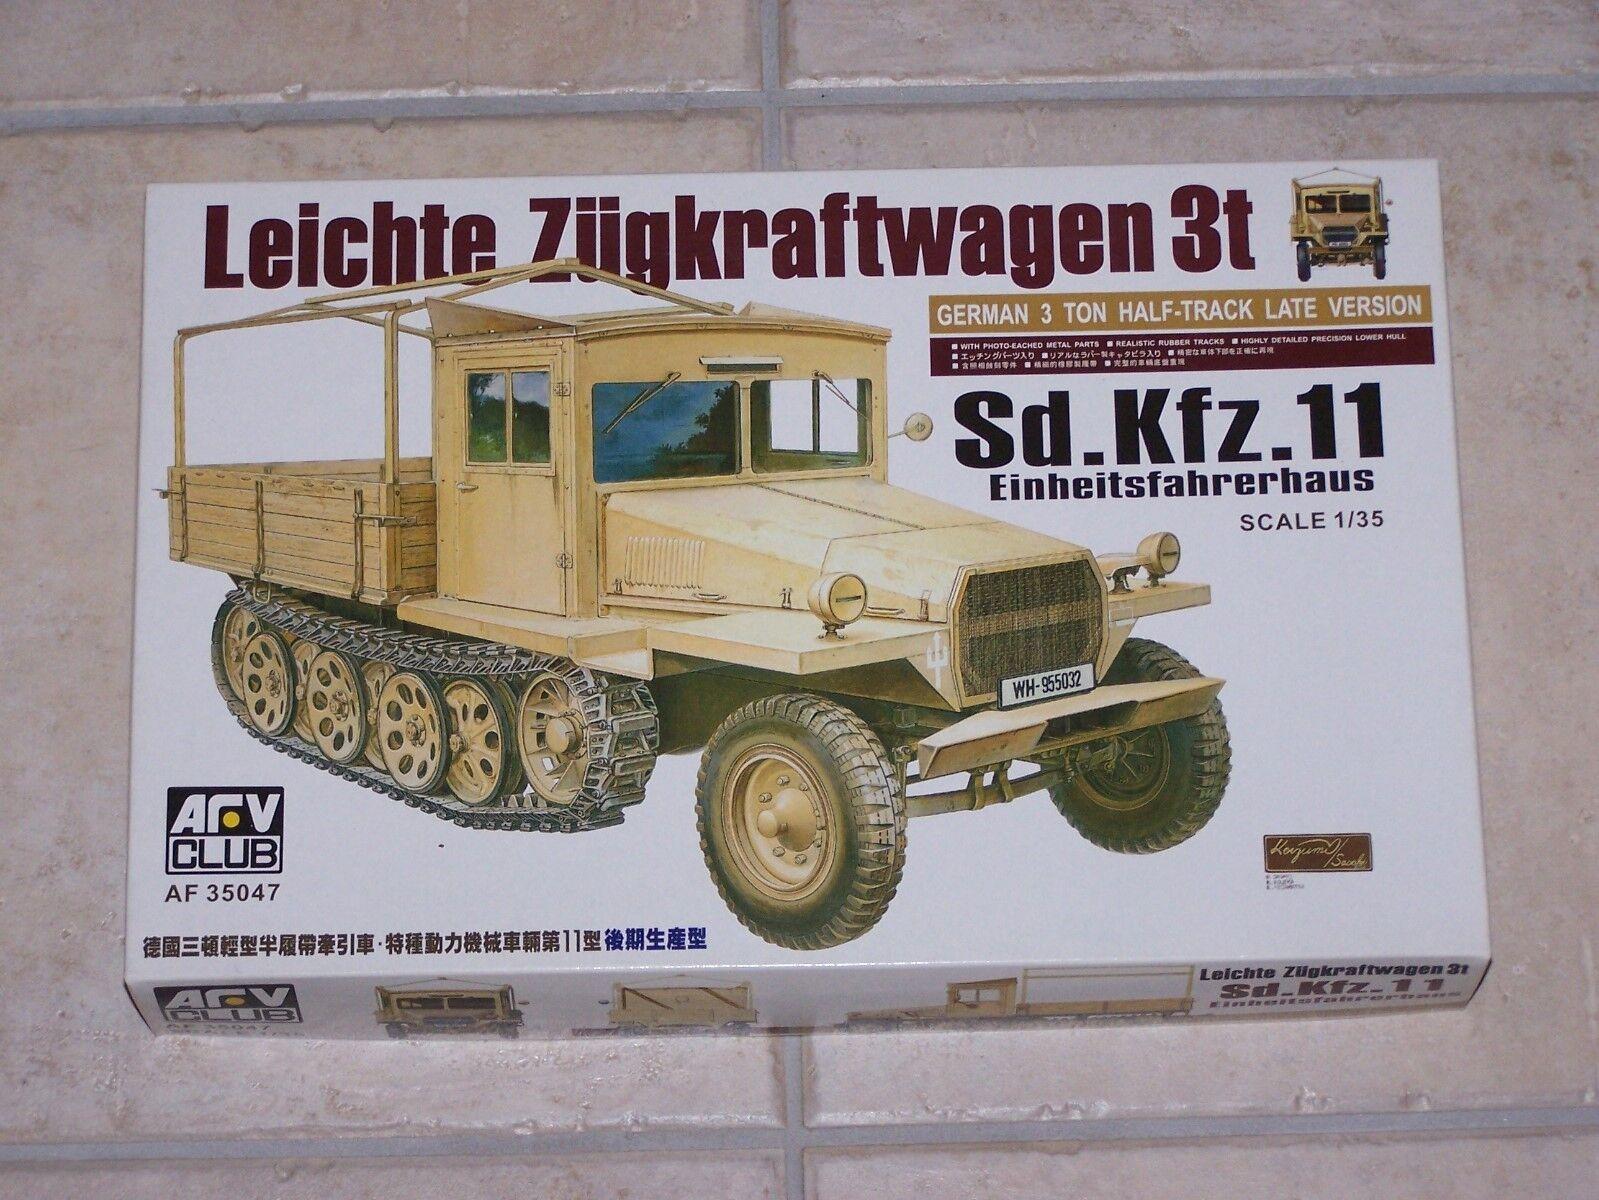 Maquette AFV CLUB 1 35ème LEICHTE ZUGKRAFTWAGEN 3t Sd.Kfz.11 Einheitsfahrerhaus